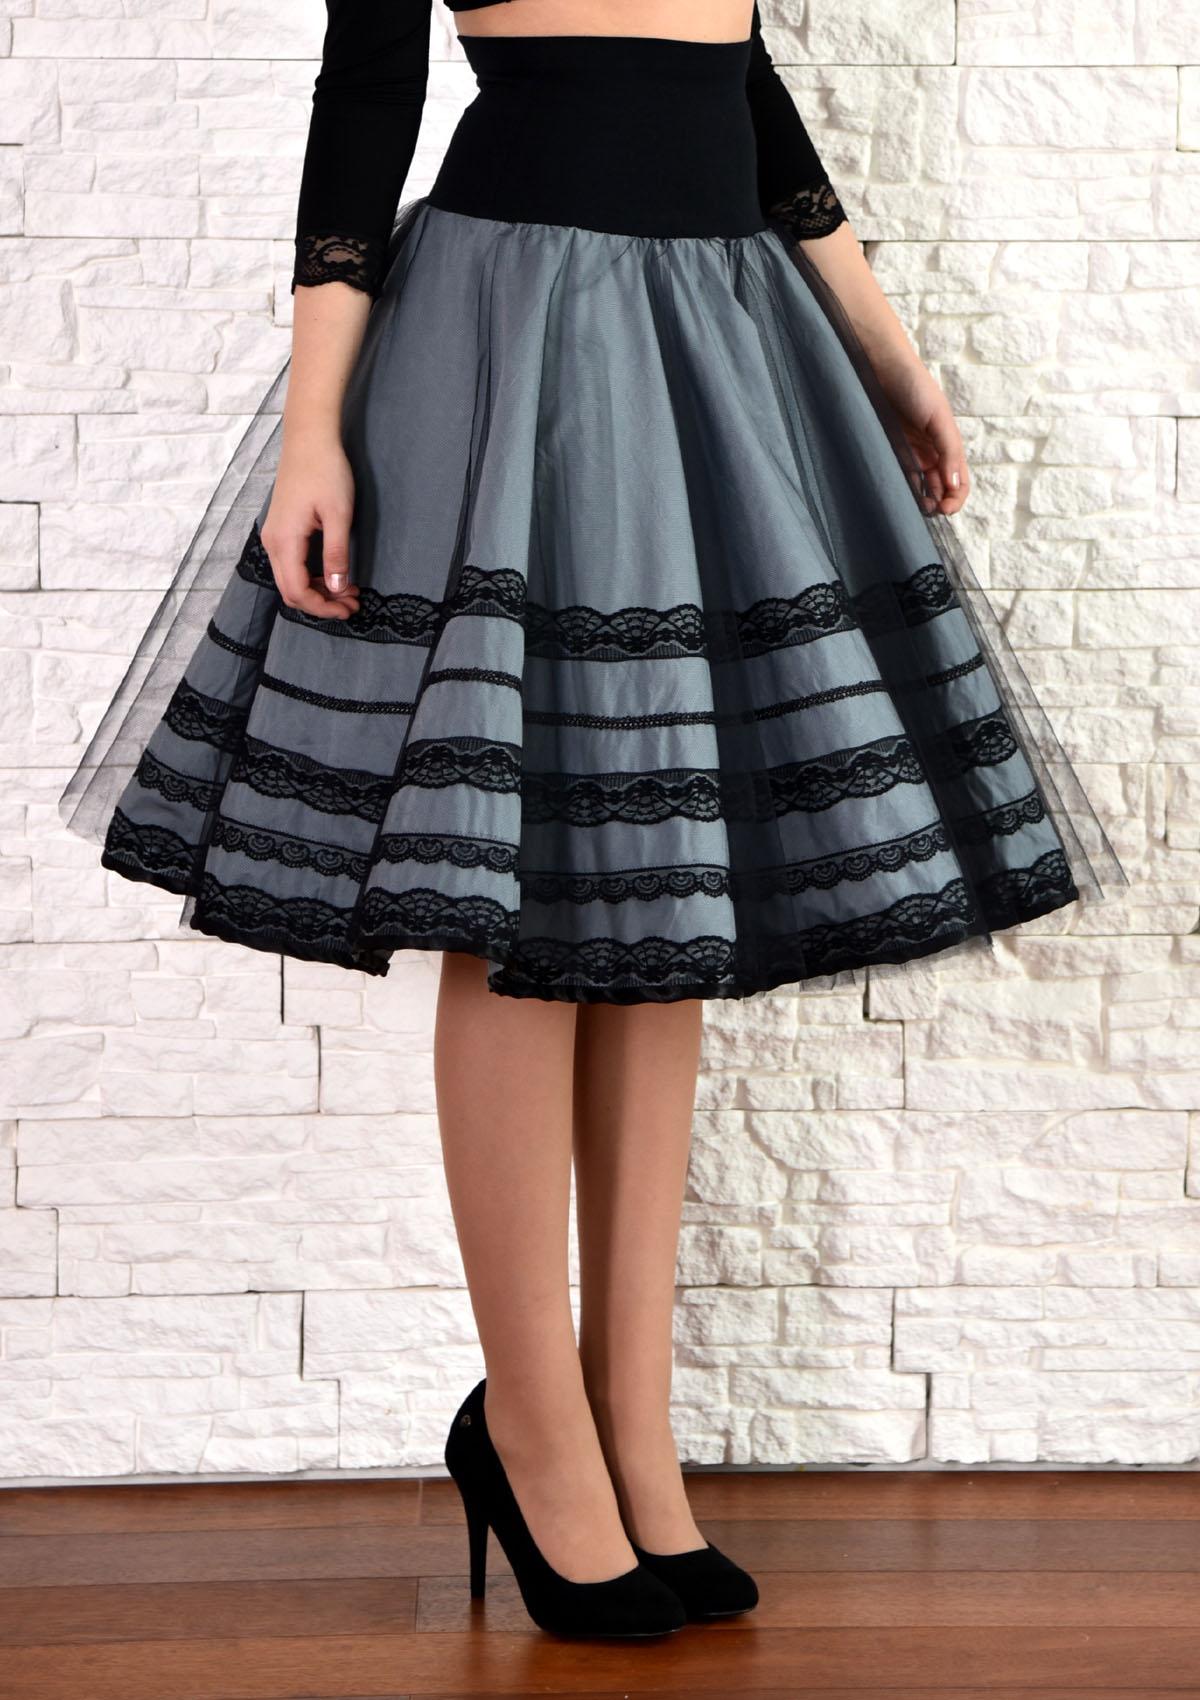 Luxusní společenská sukně s tylovou spodničkou   Zboží prodejce ... 21e3d6622d